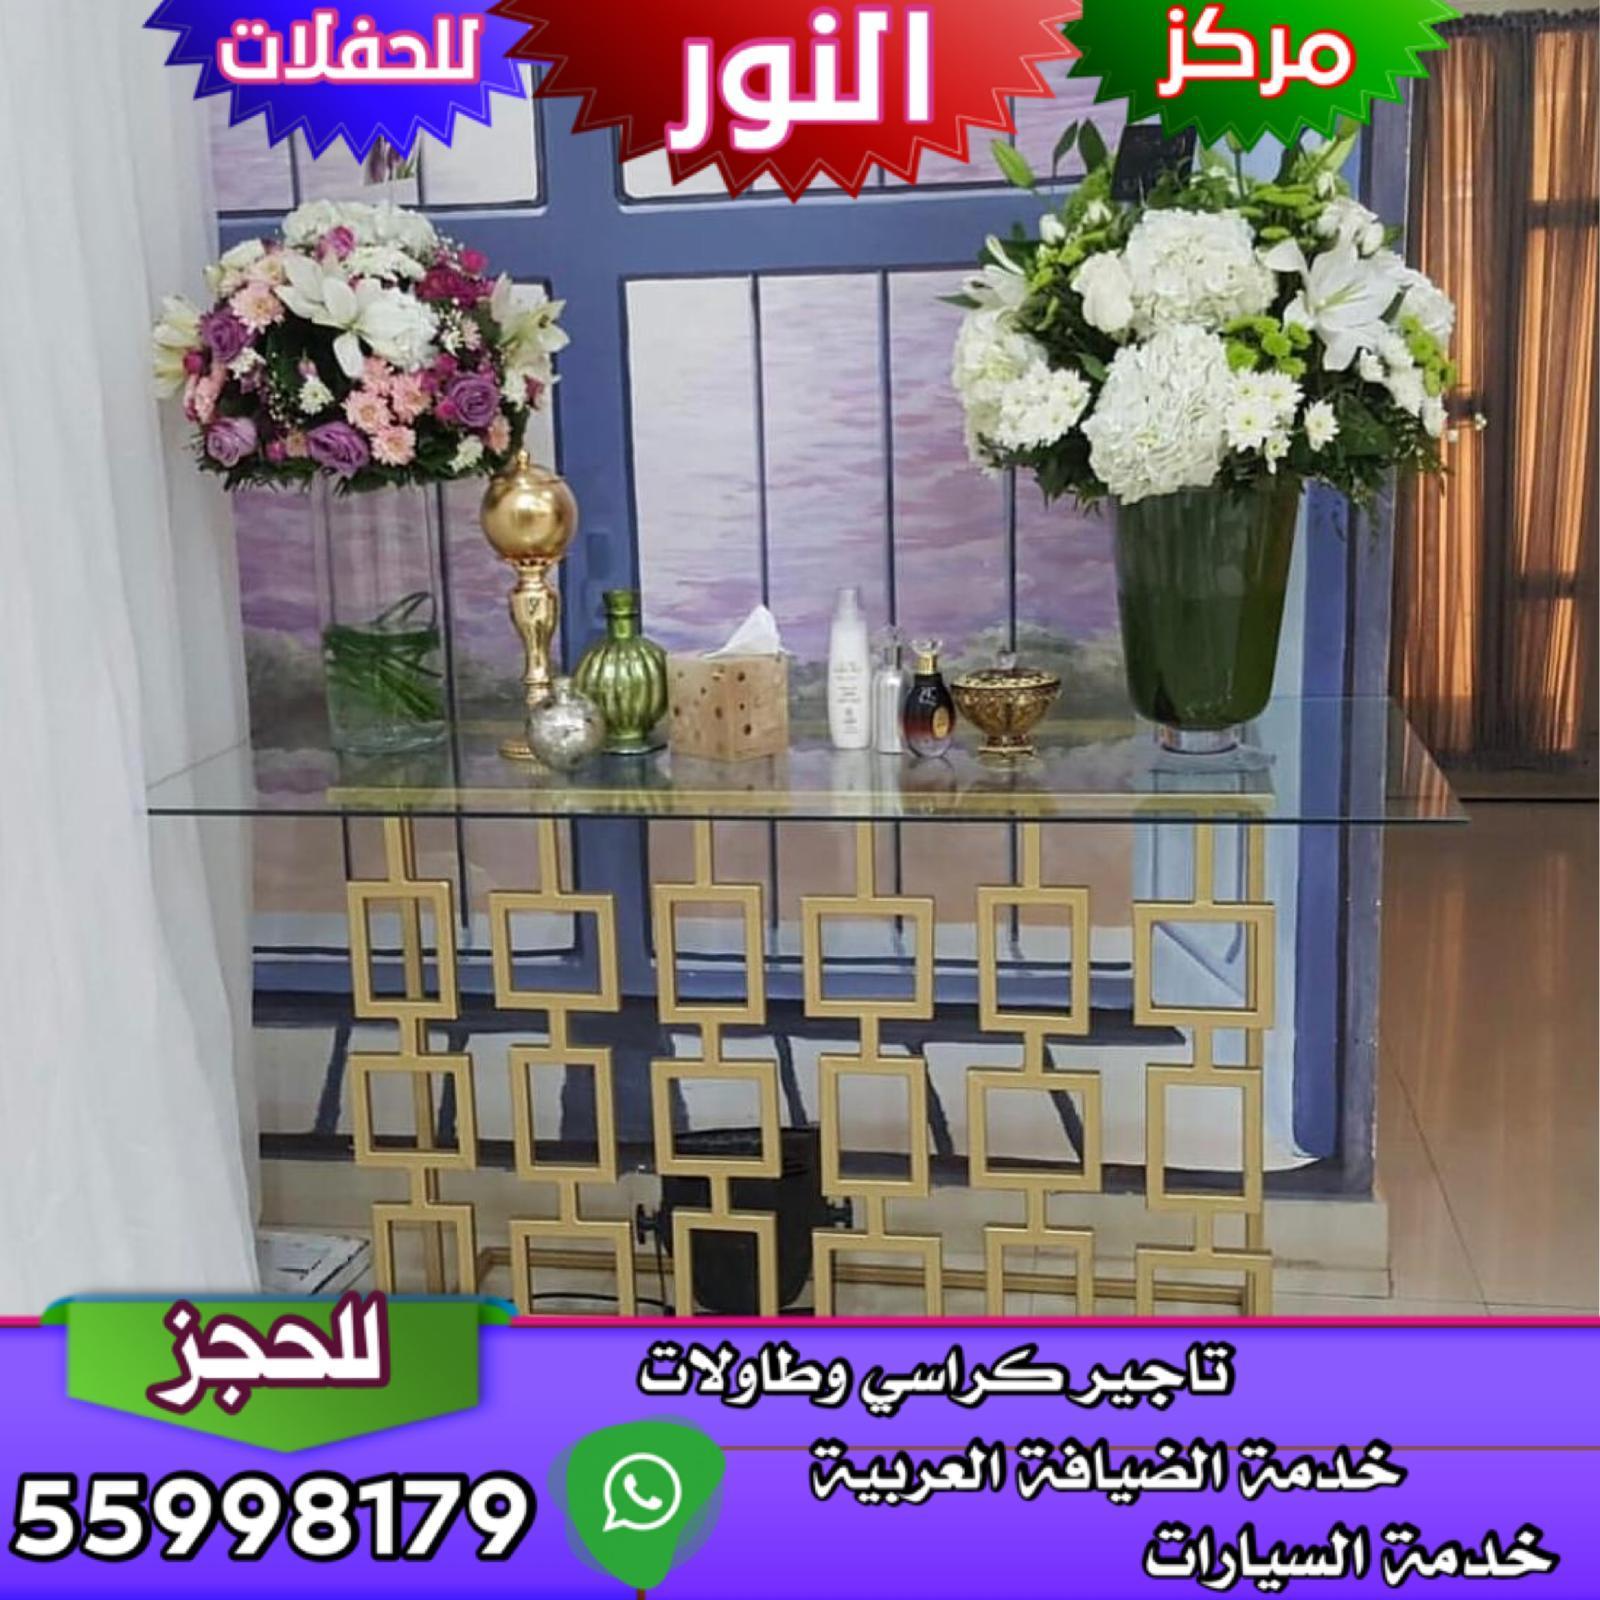 منسقة حفلات الكويت